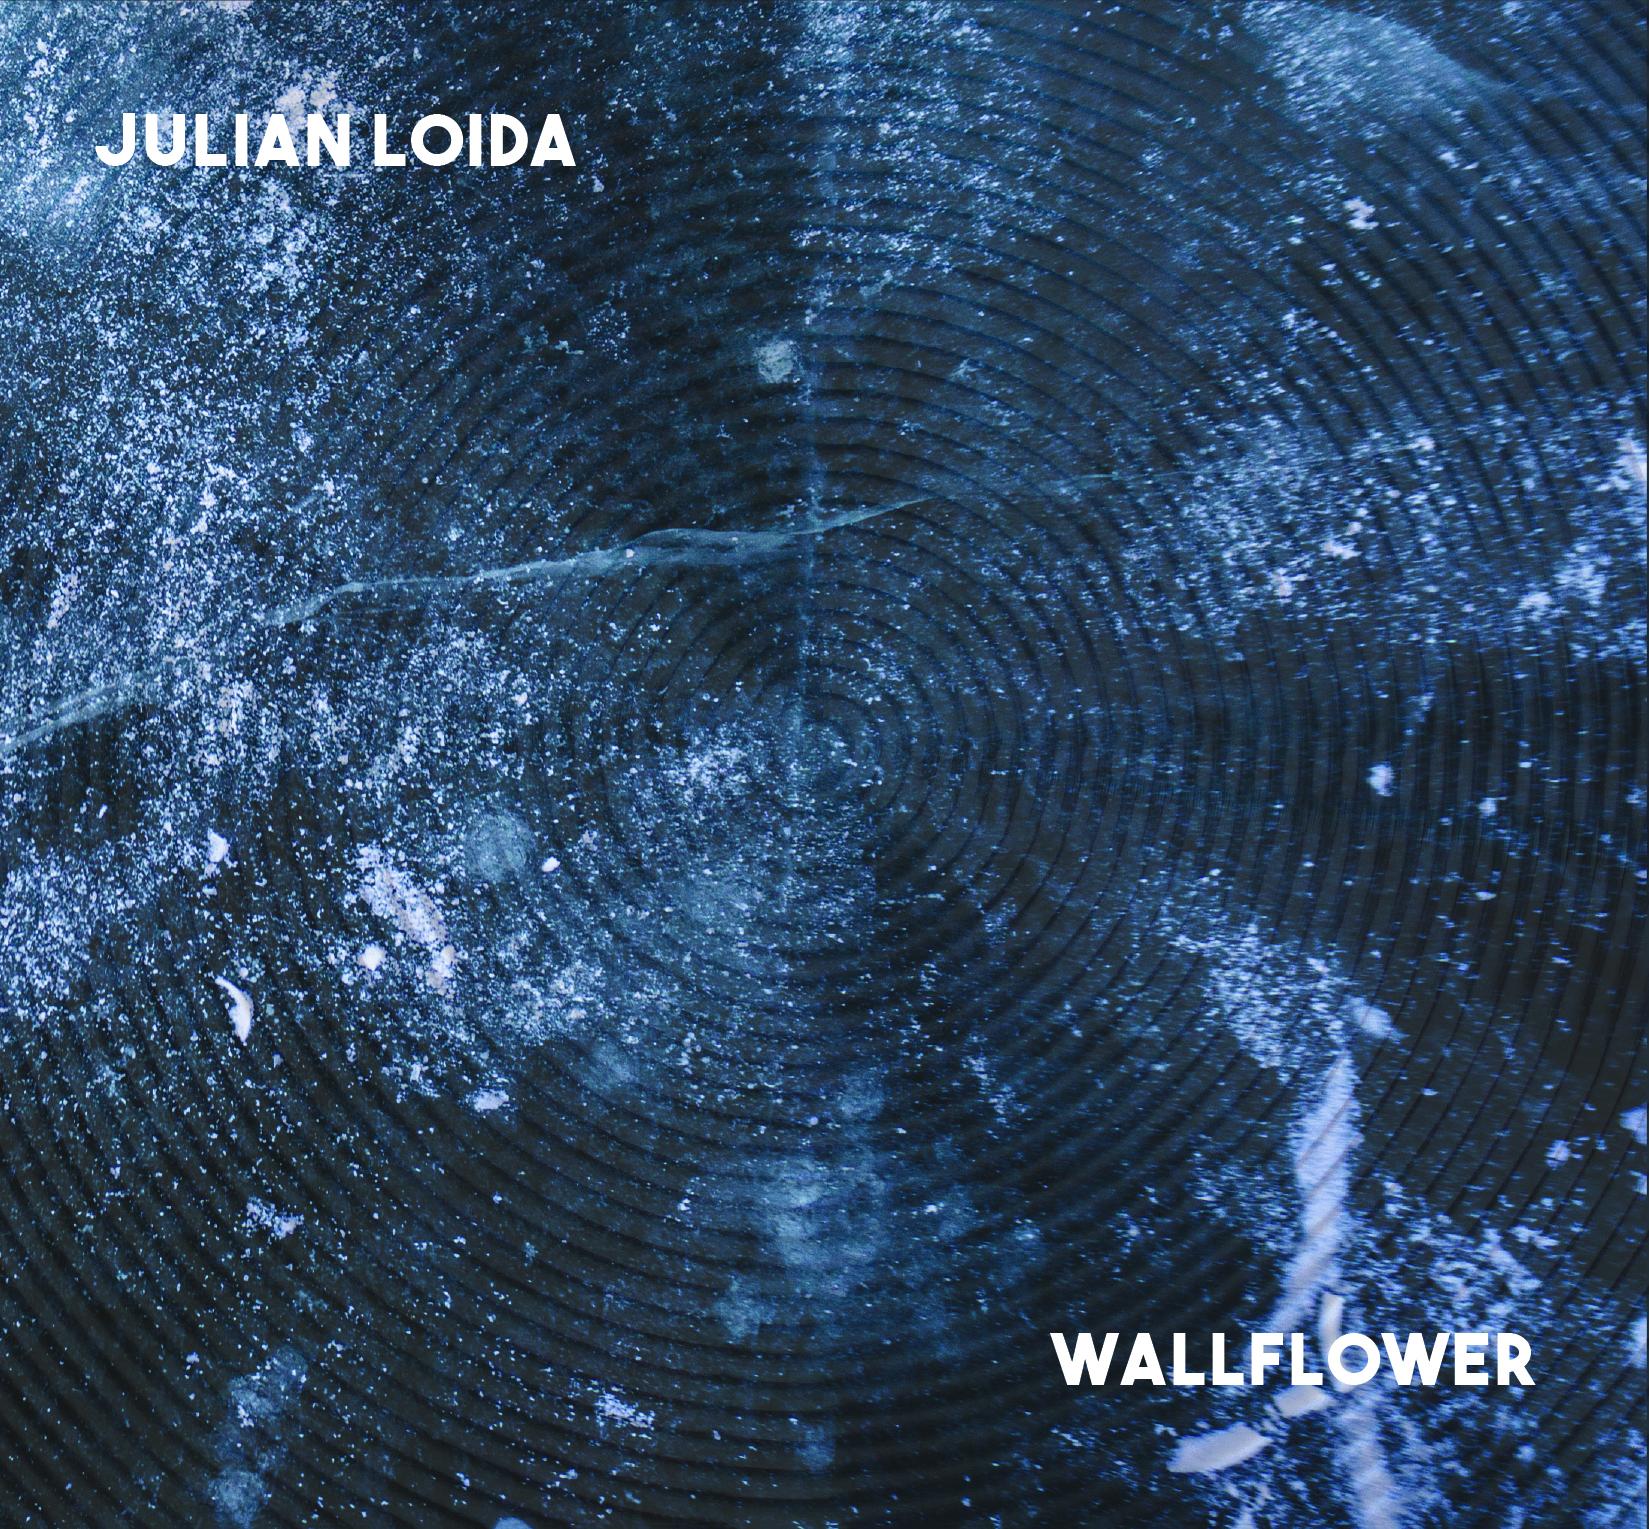 wallflower cover.jpg